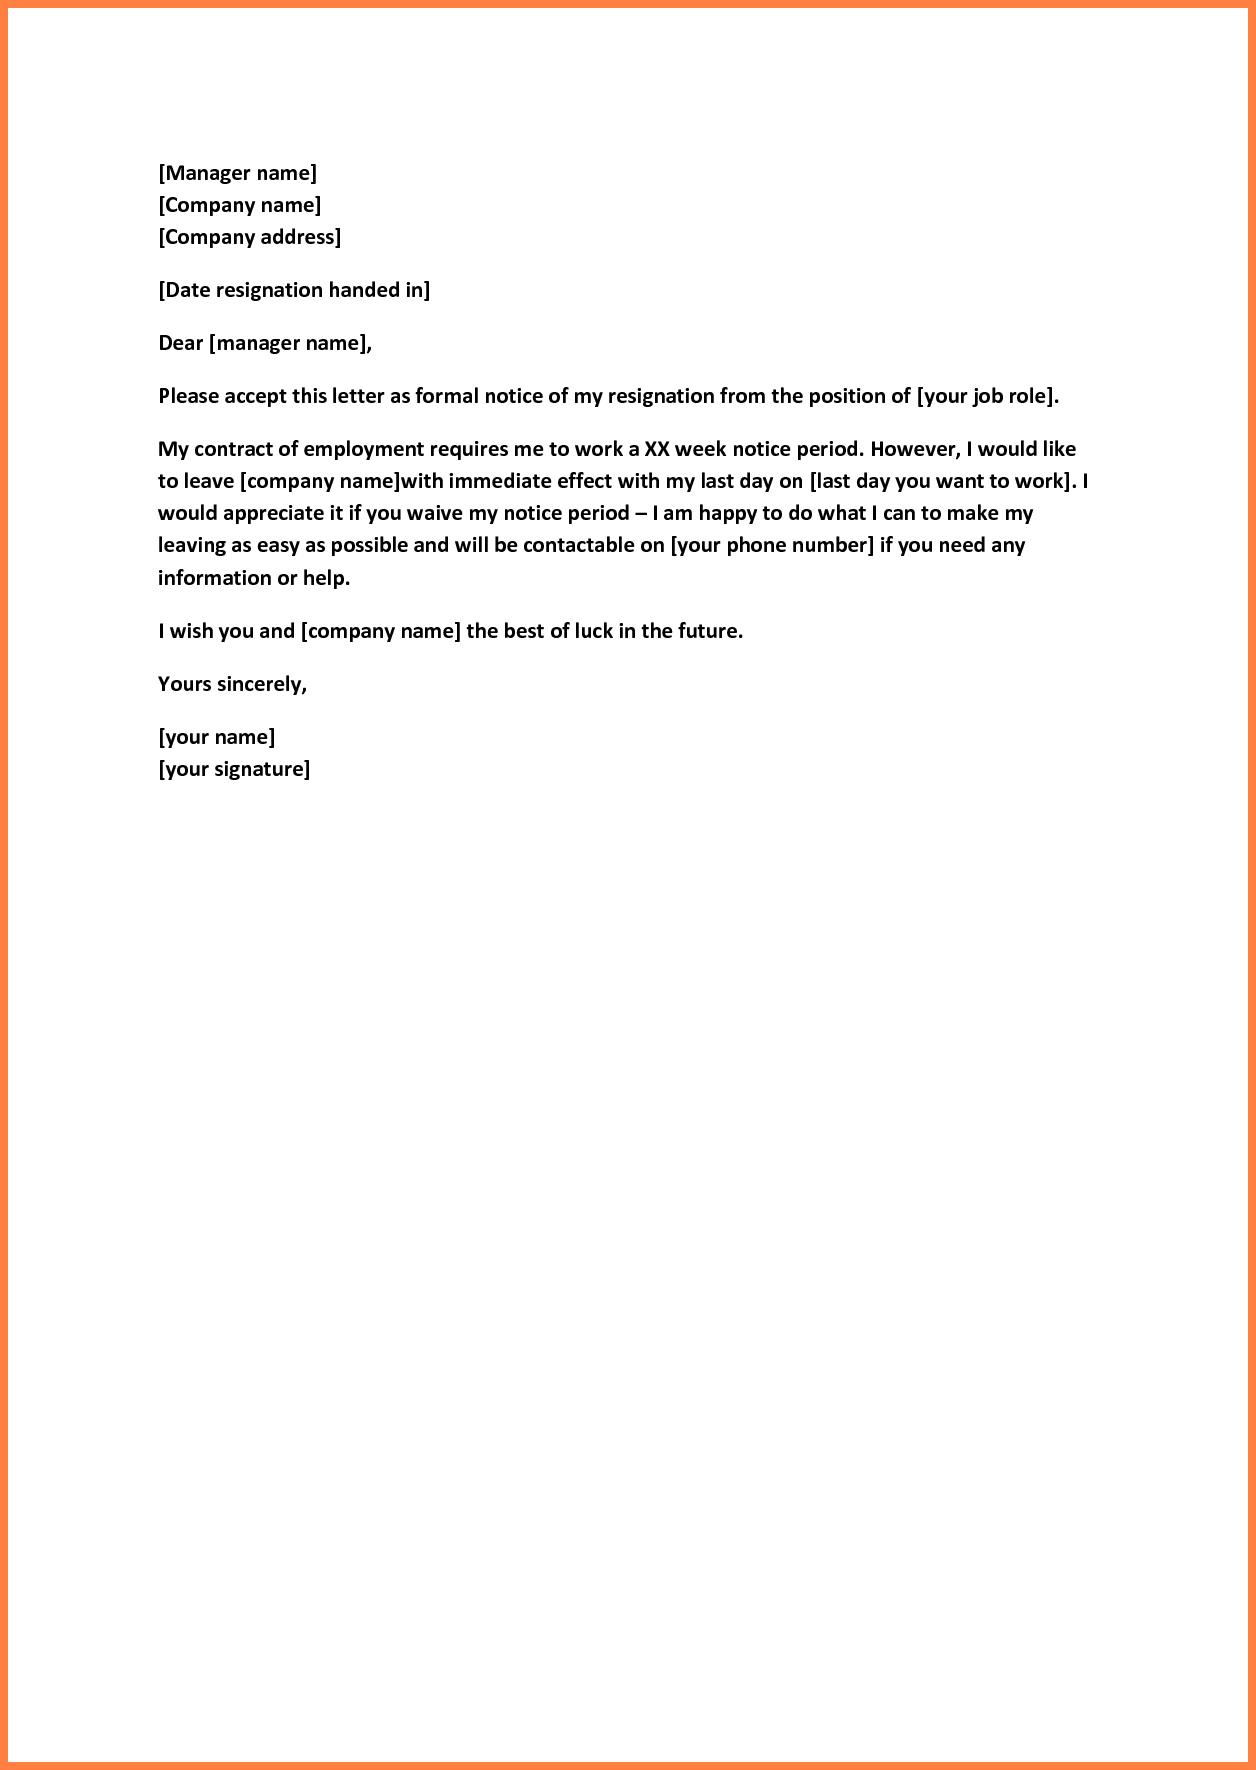 Short Resignation Letter Template - Sample Short Notice Resignation Letter Image Collections Letter